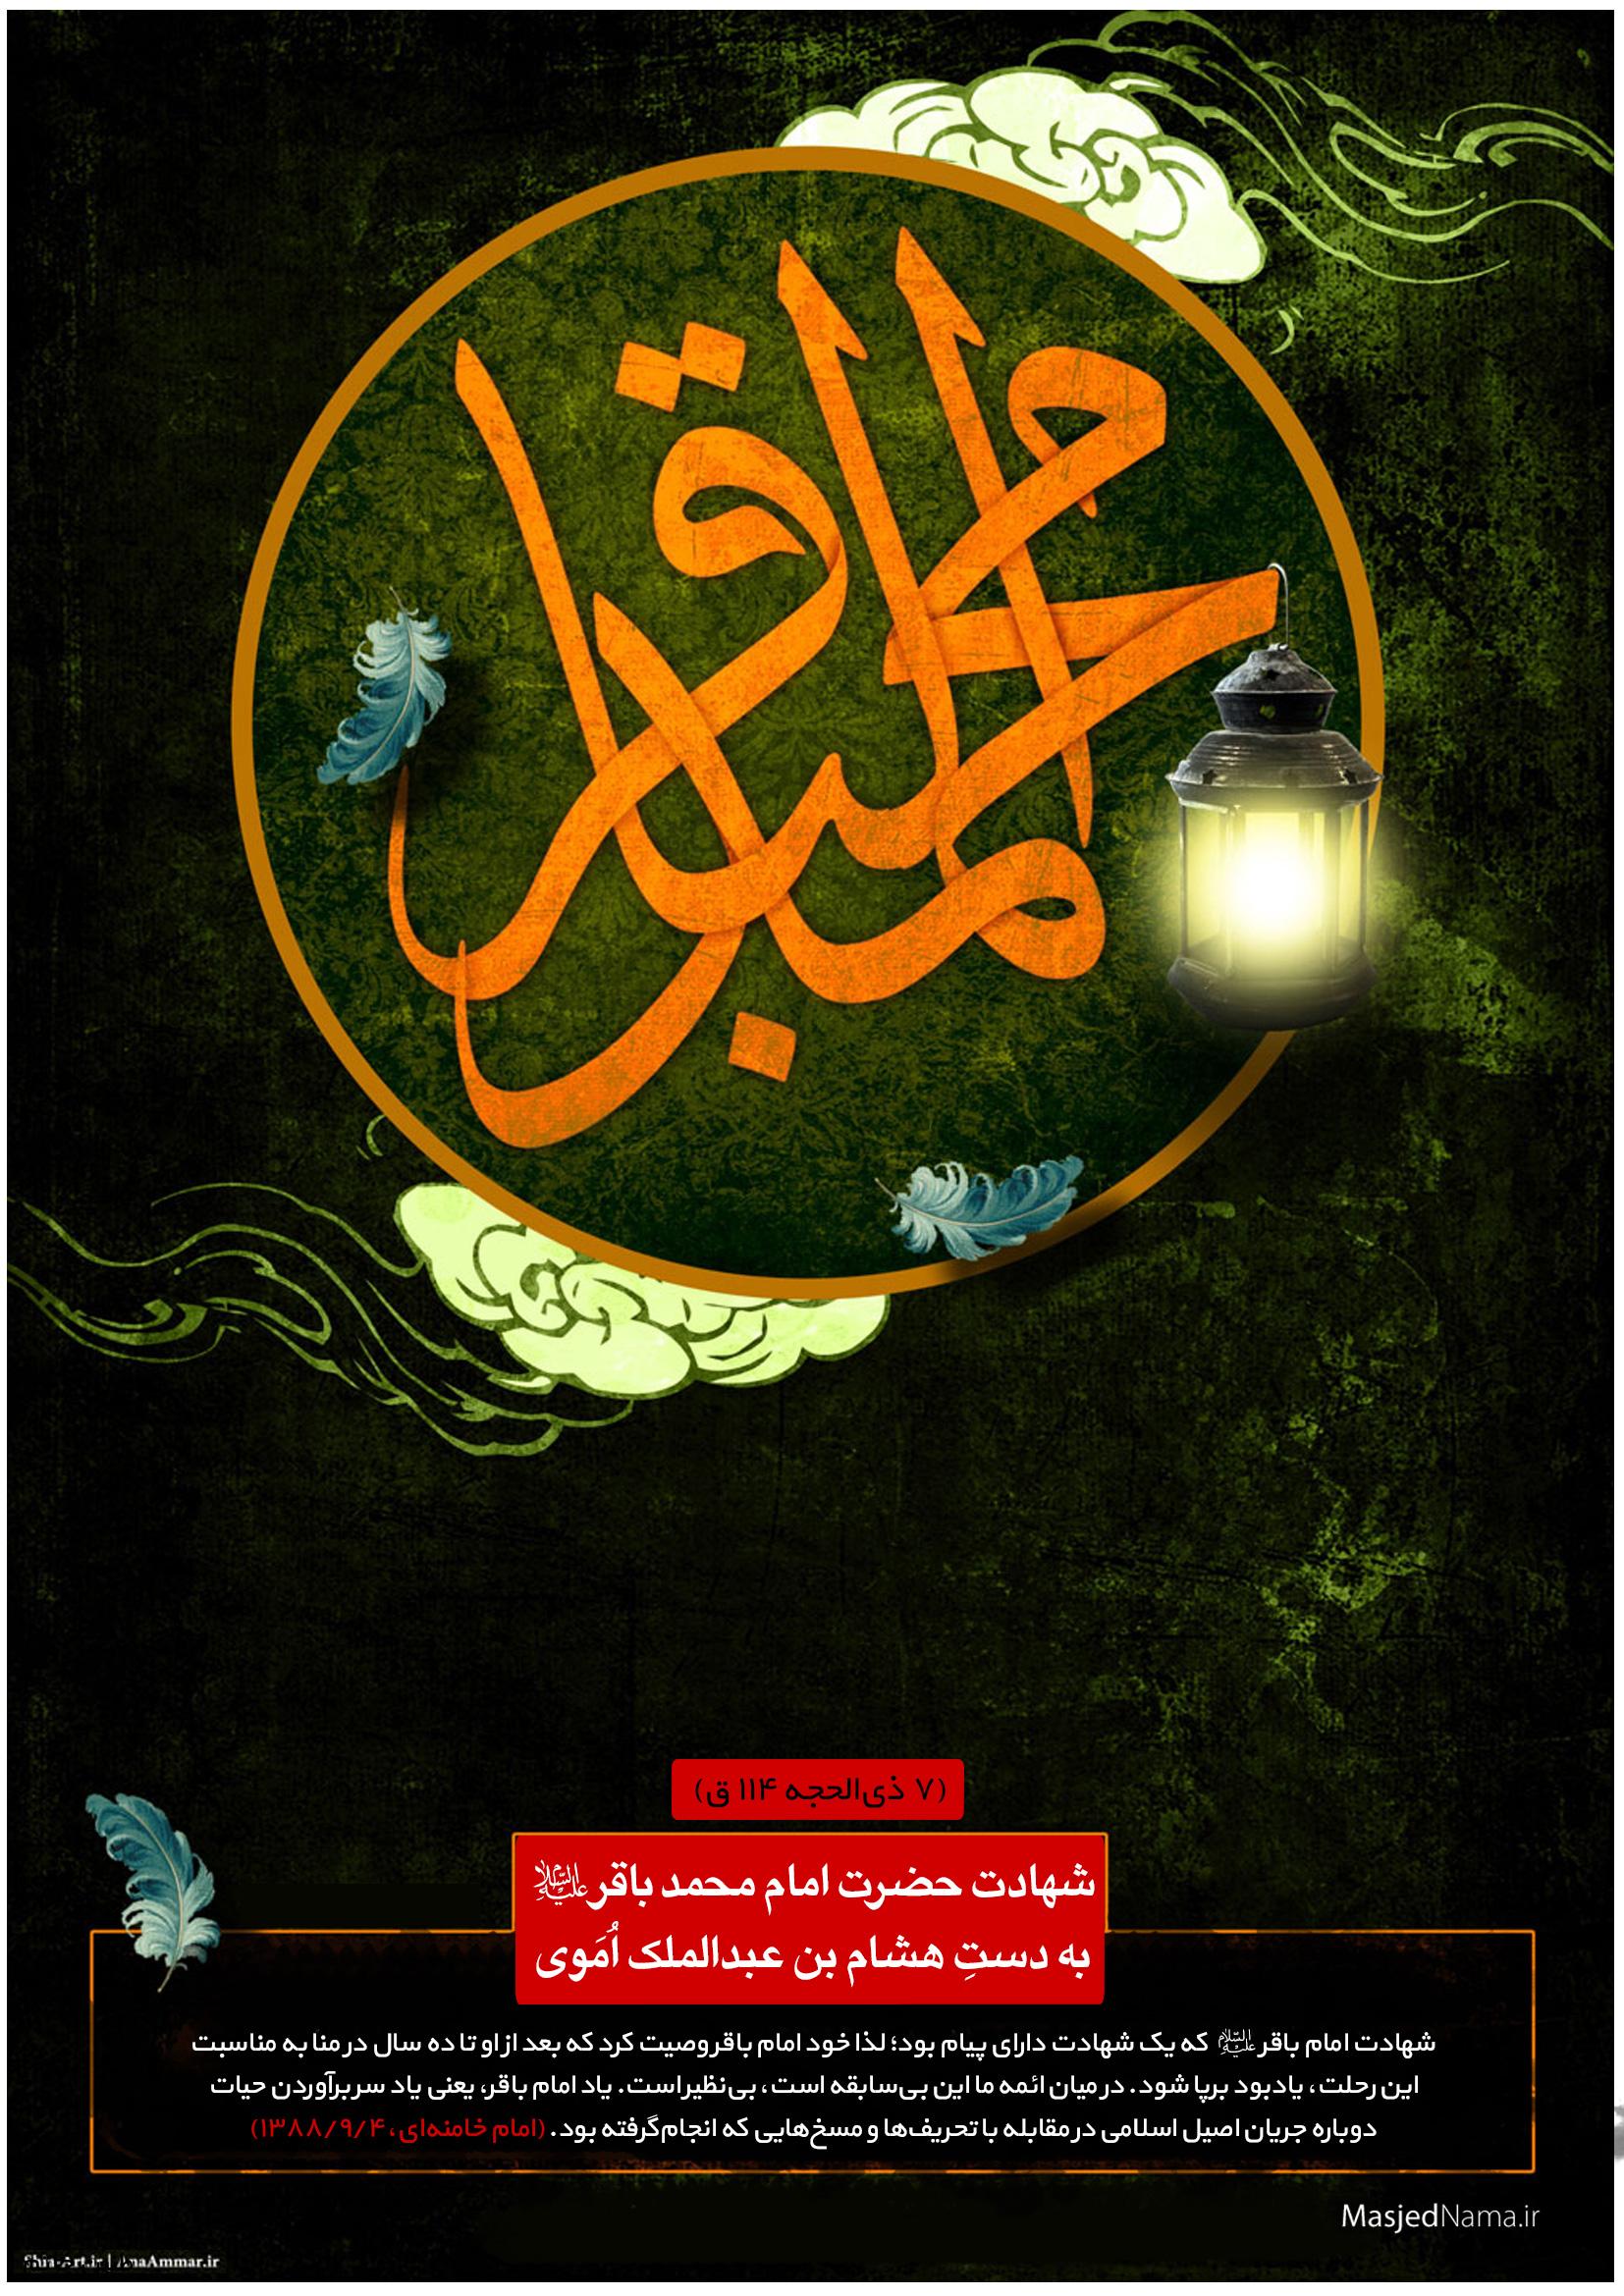 شهادت حضرت امام محمد باقر (ع)